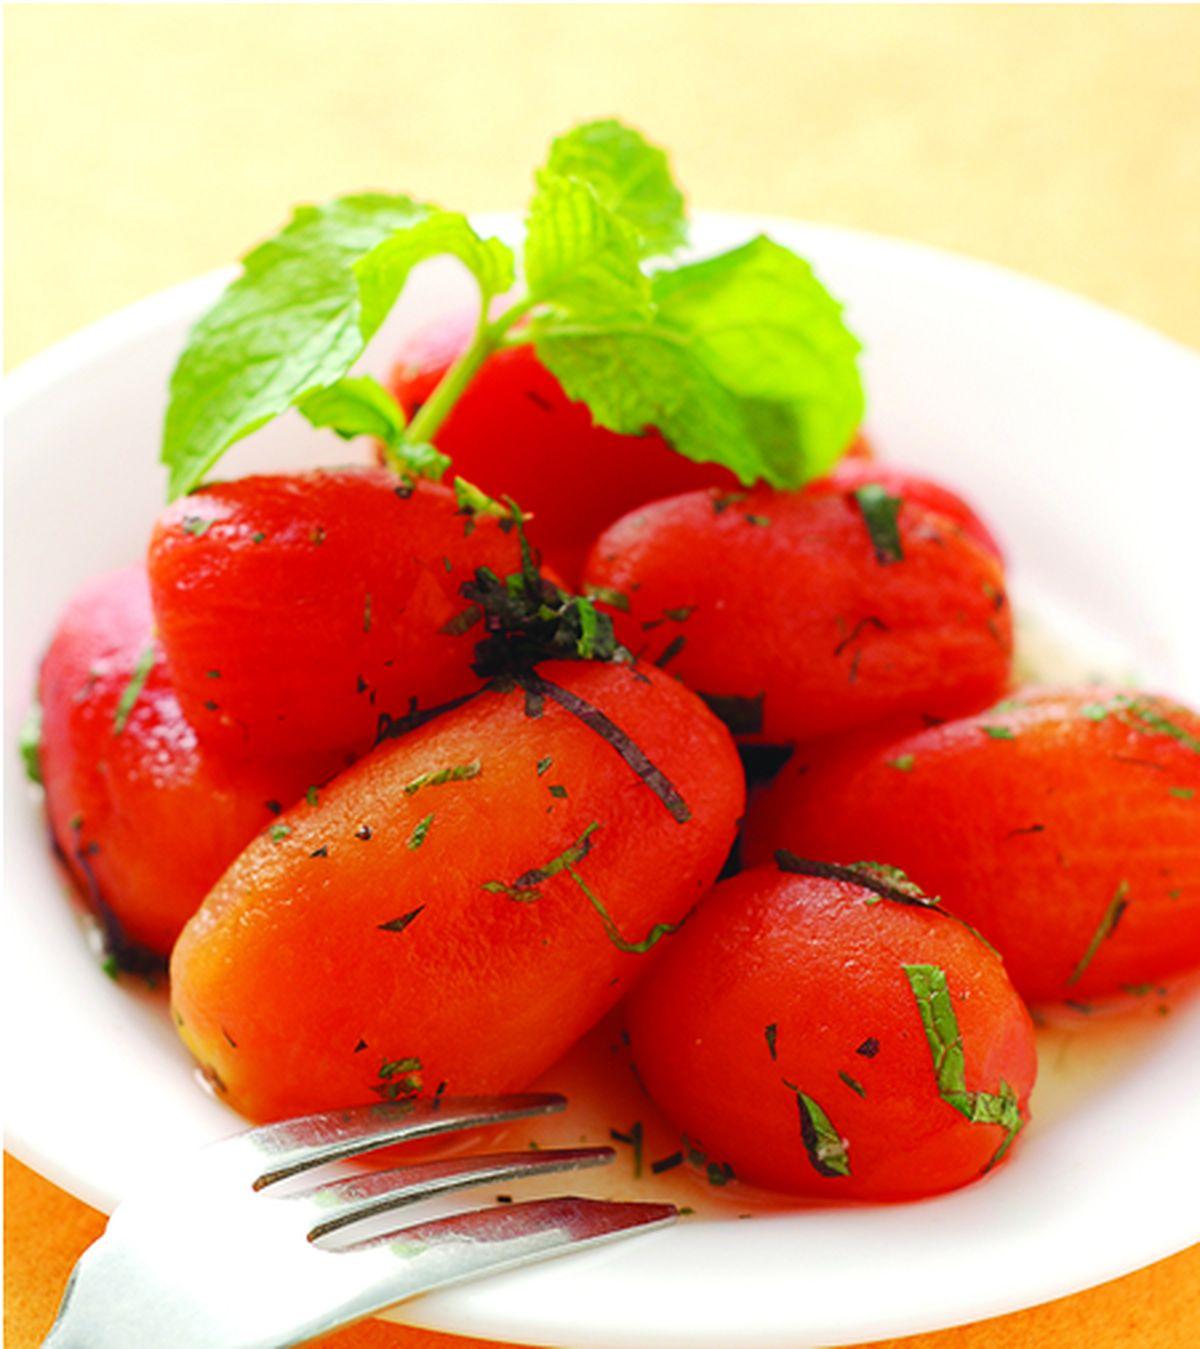 食譜:薄荷紫蘇蕃茄